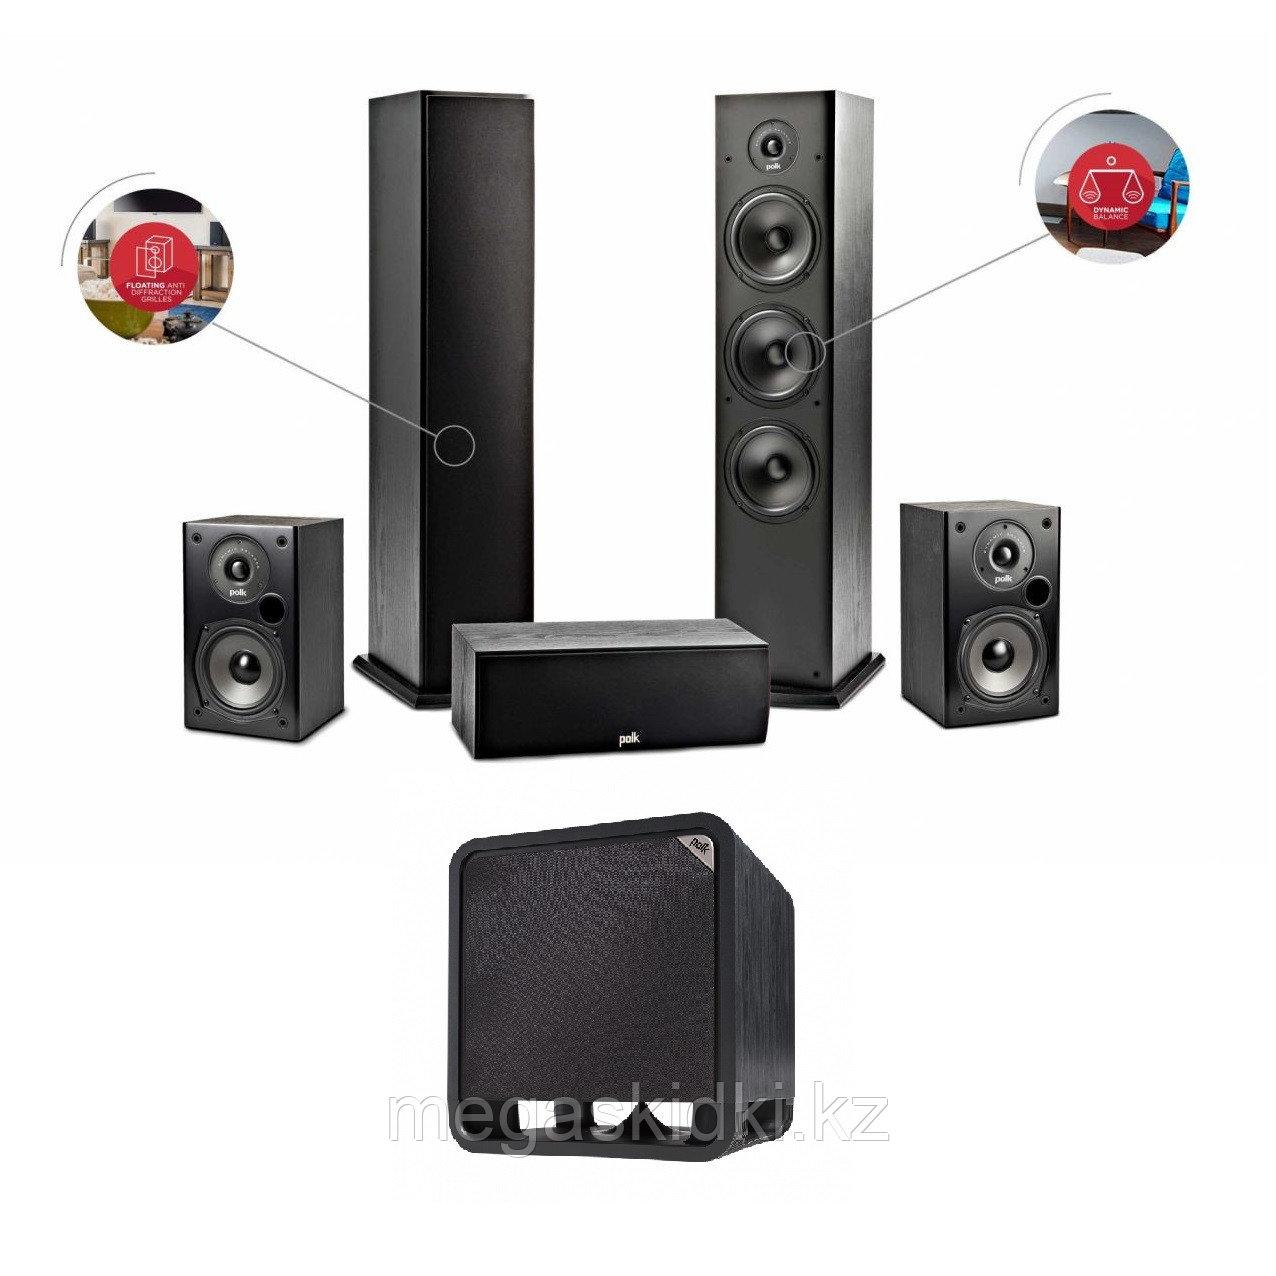 Комплект для домашнего кинотеатра 5.1 на акустике Polk Audio серии T